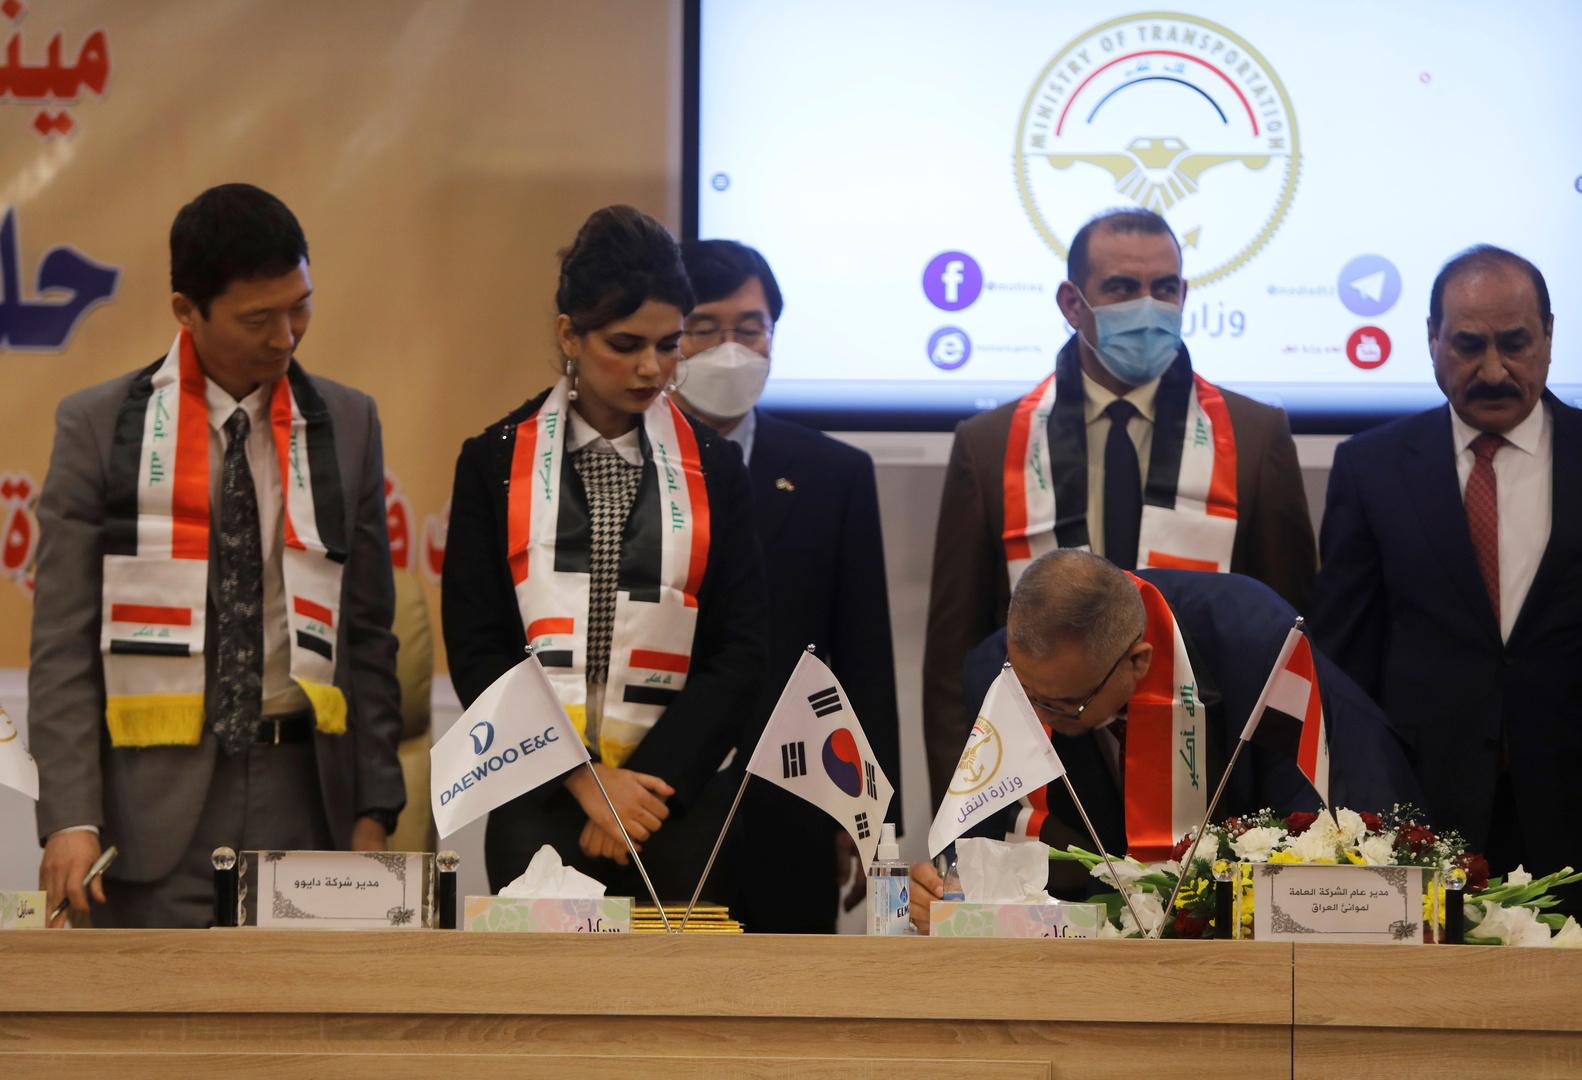 حفل توقيع الصفقة في بغداد يوم 30 ديسمبر الماضي.